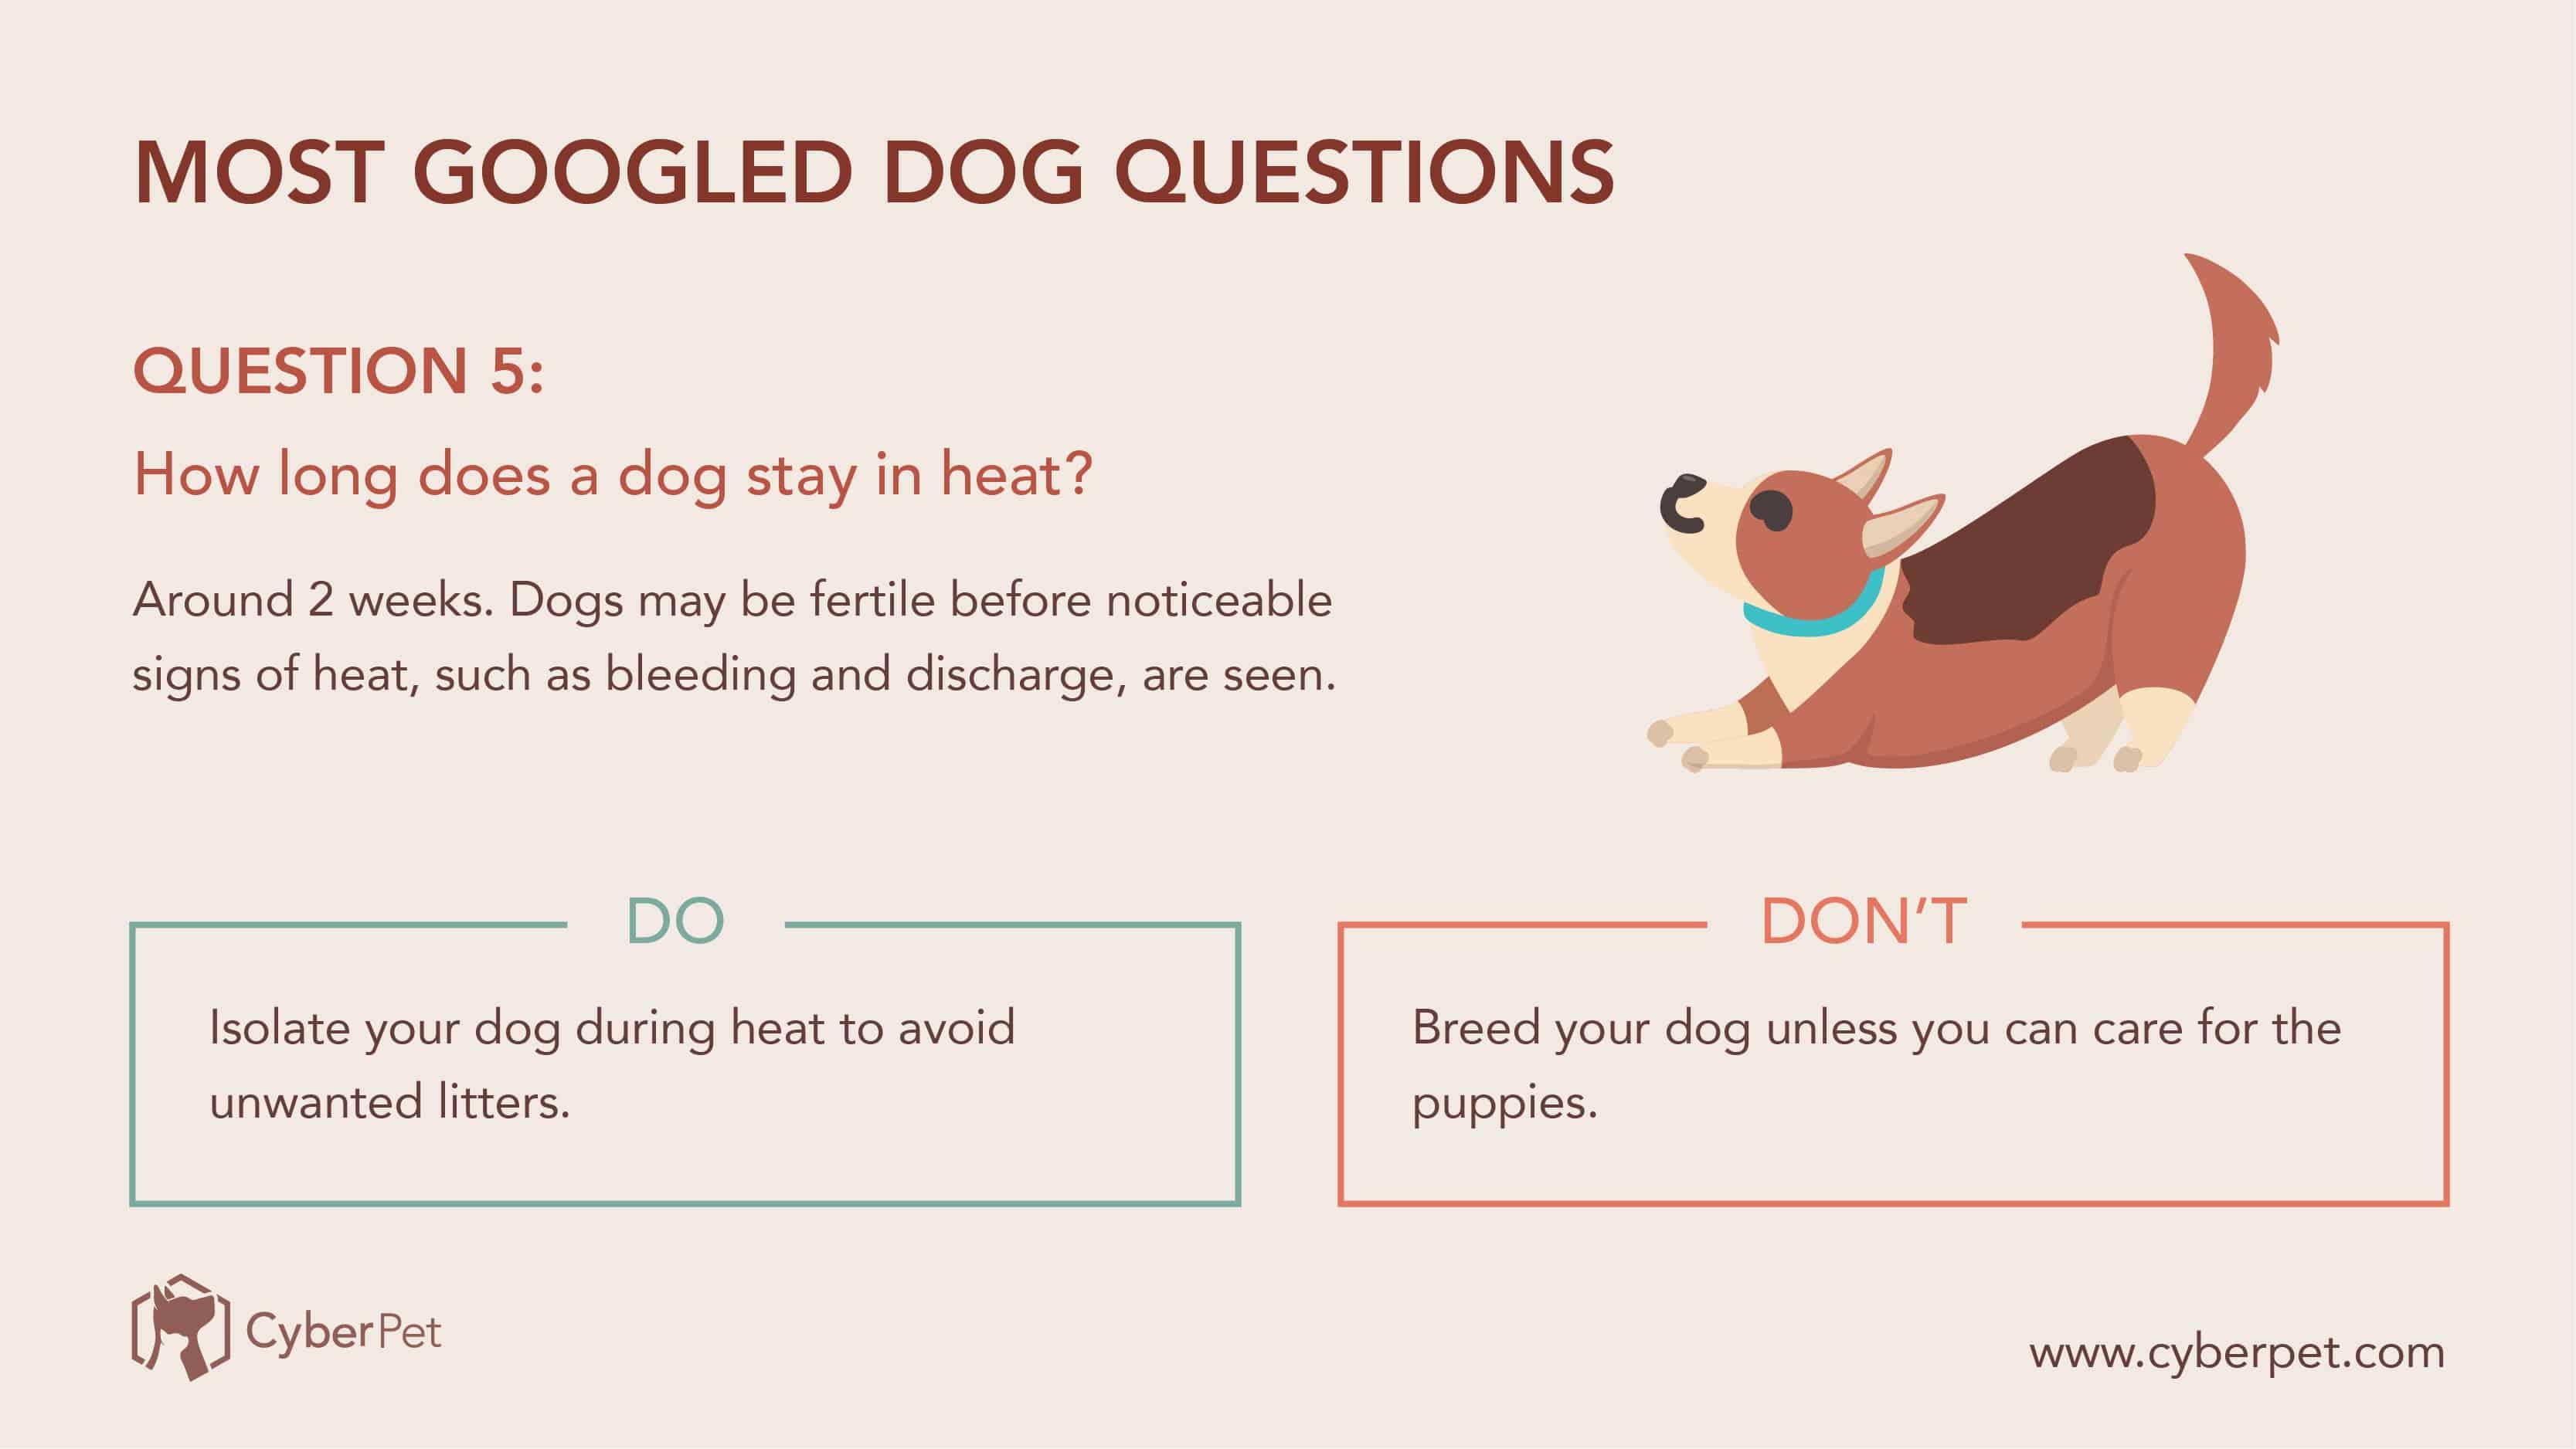 10 Most-Googled Dog Questions - Q5